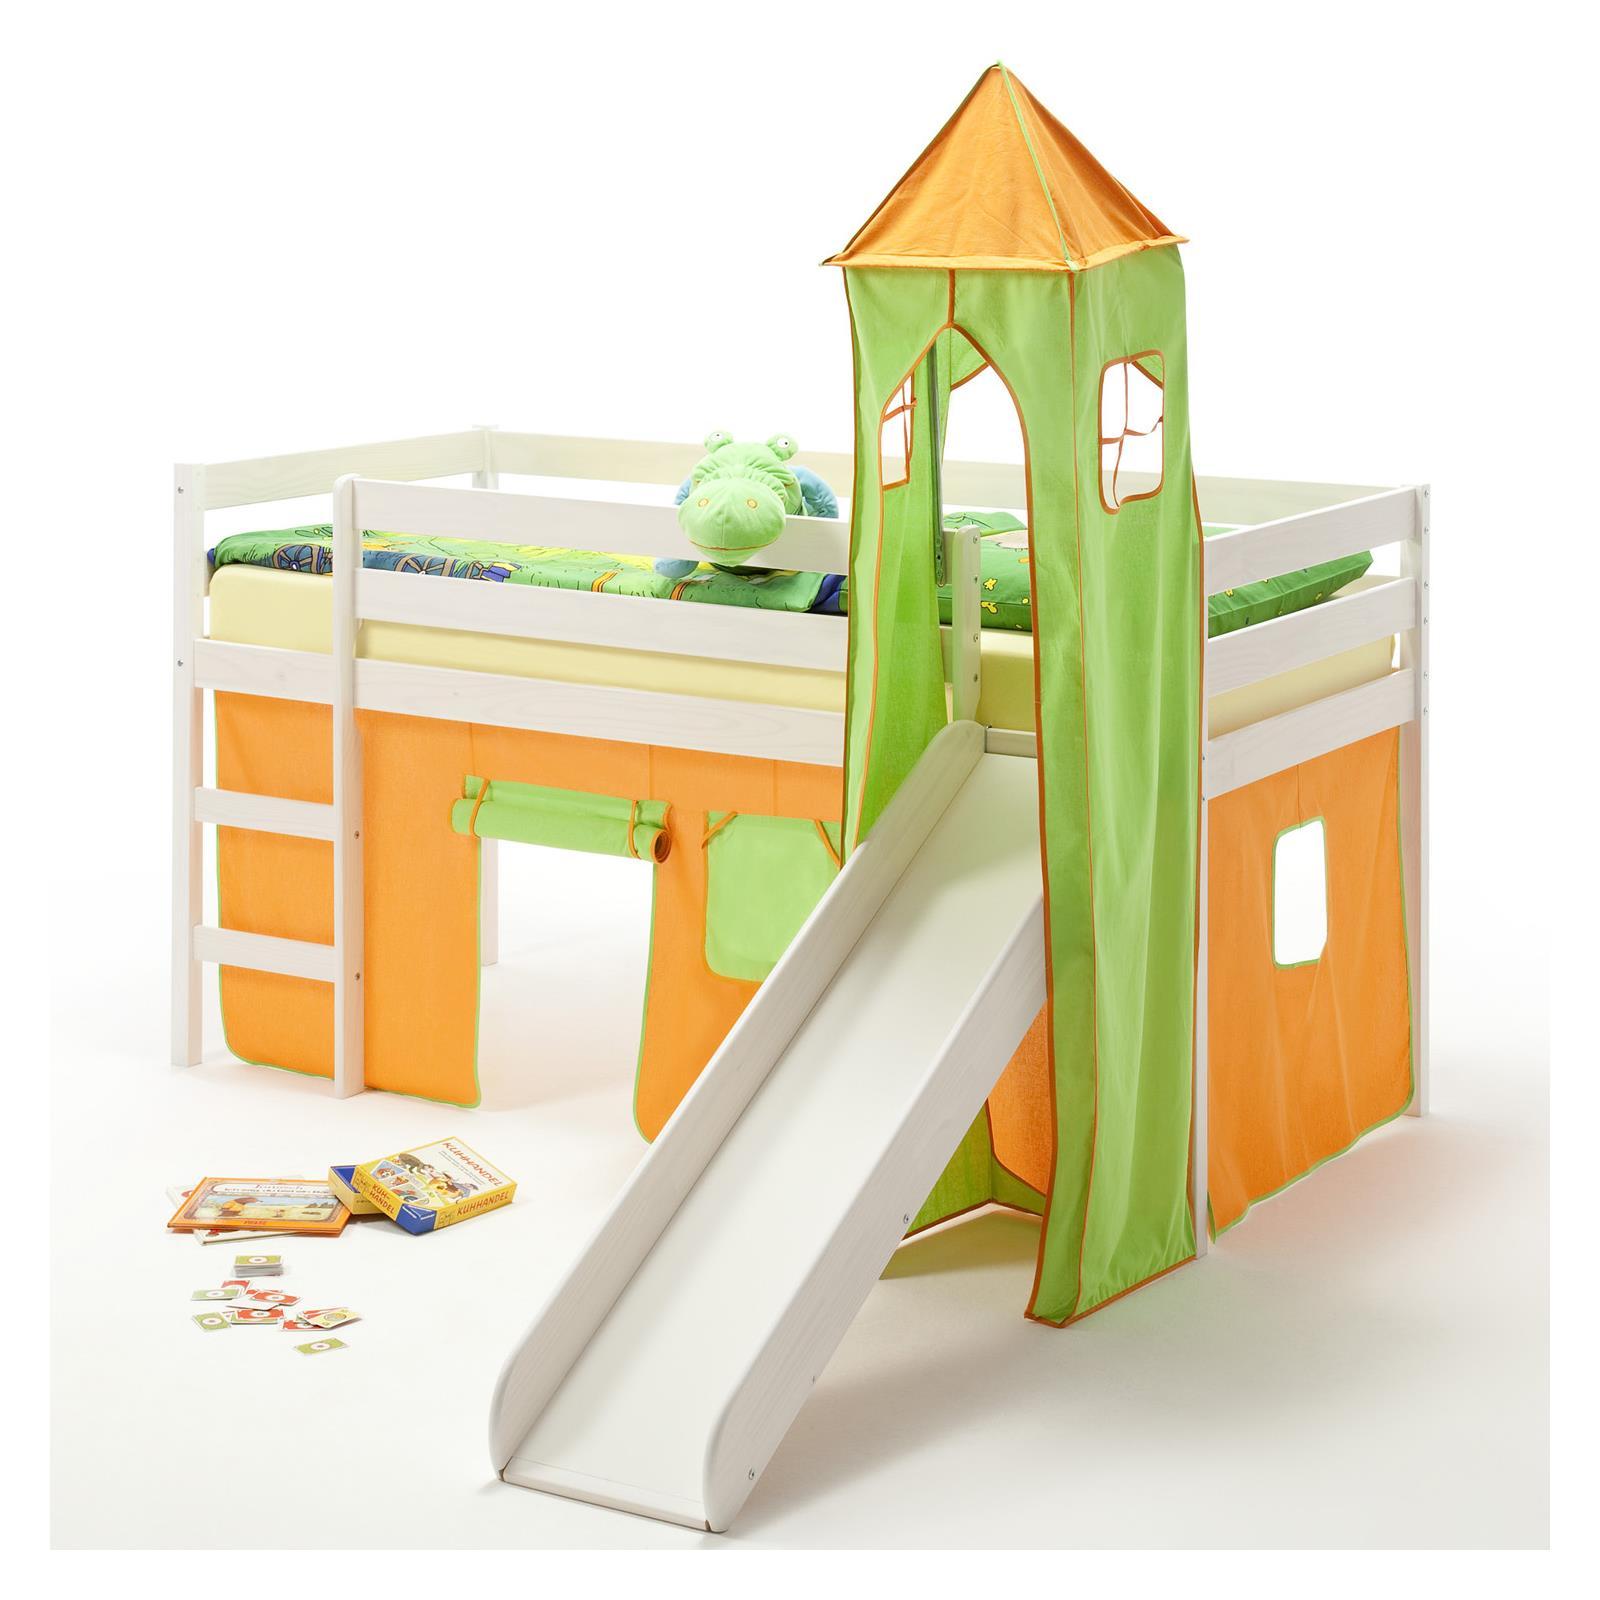 rutschbett benny turm vorhang gr n orange mobilia24. Black Bedroom Furniture Sets. Home Design Ideas